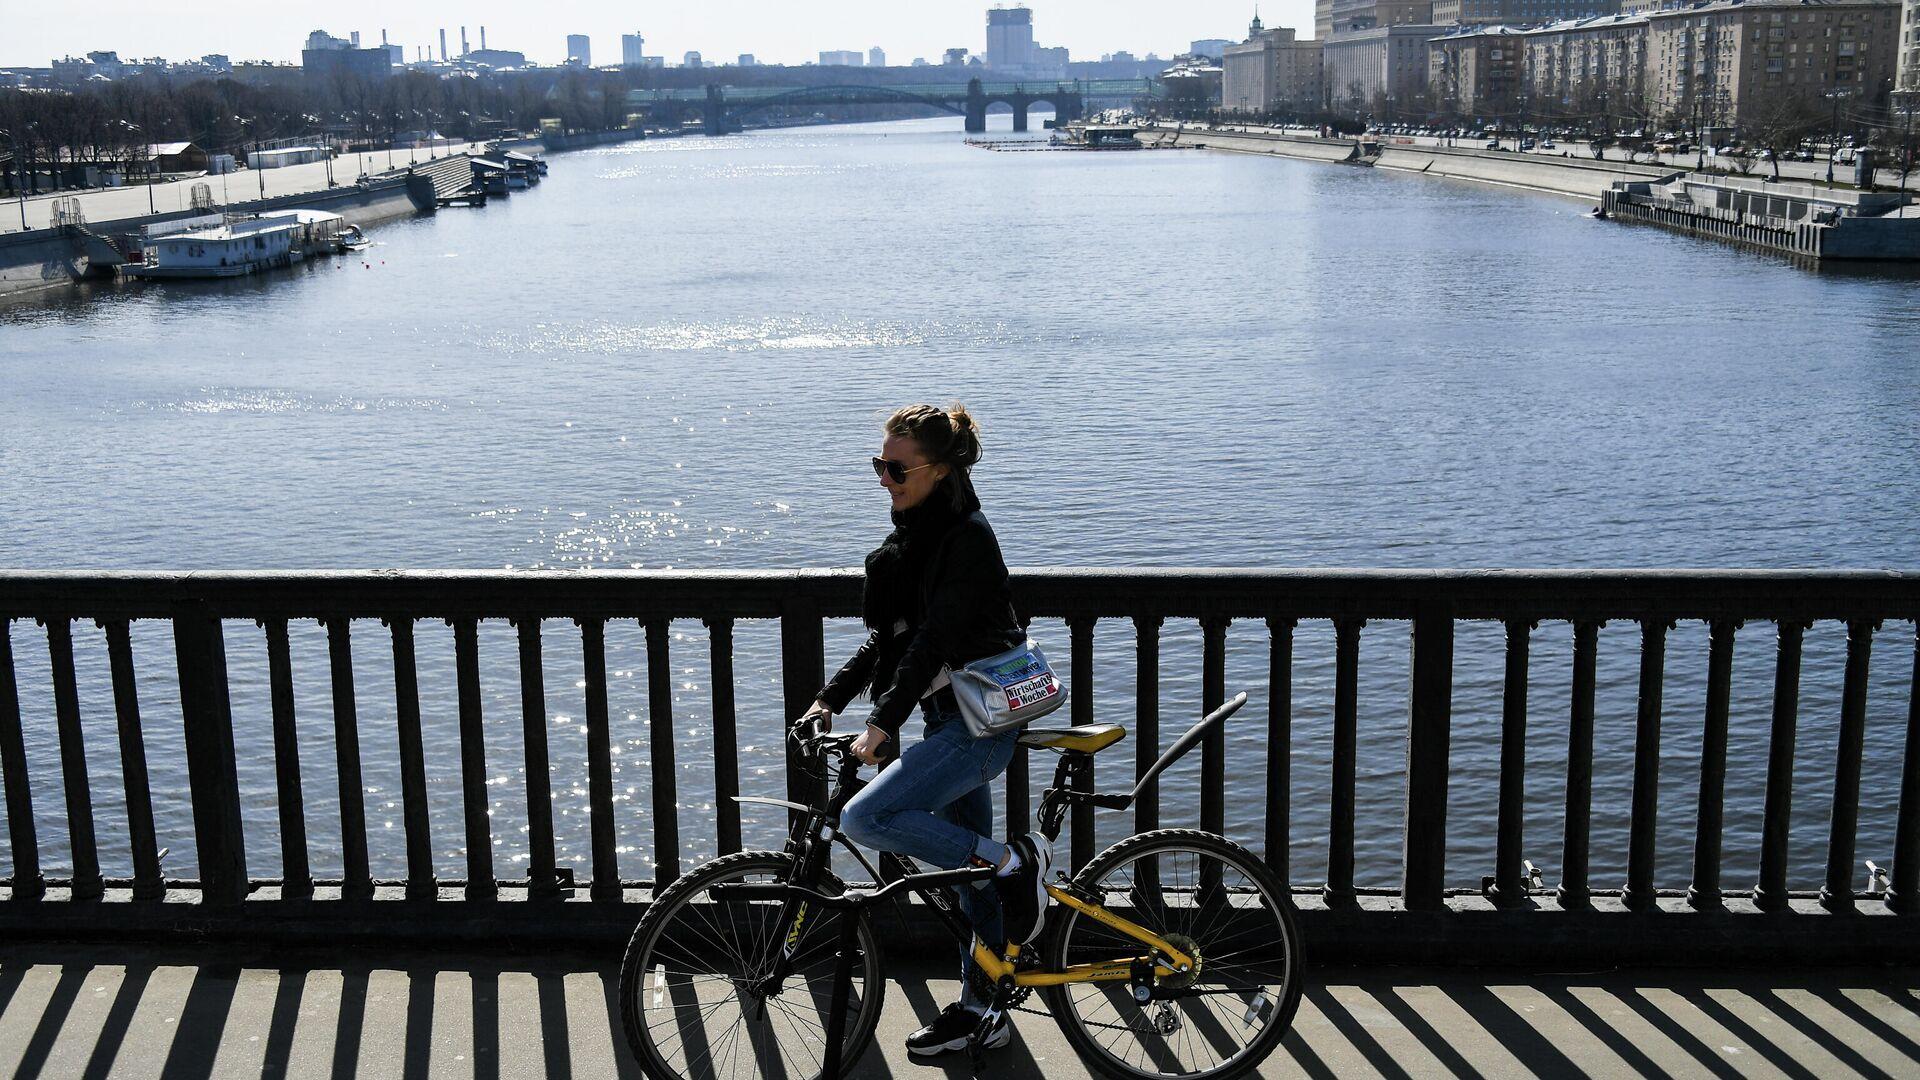 Девушка на велосипеде в Москве - РИА Новости, 1920, 01.03.2021